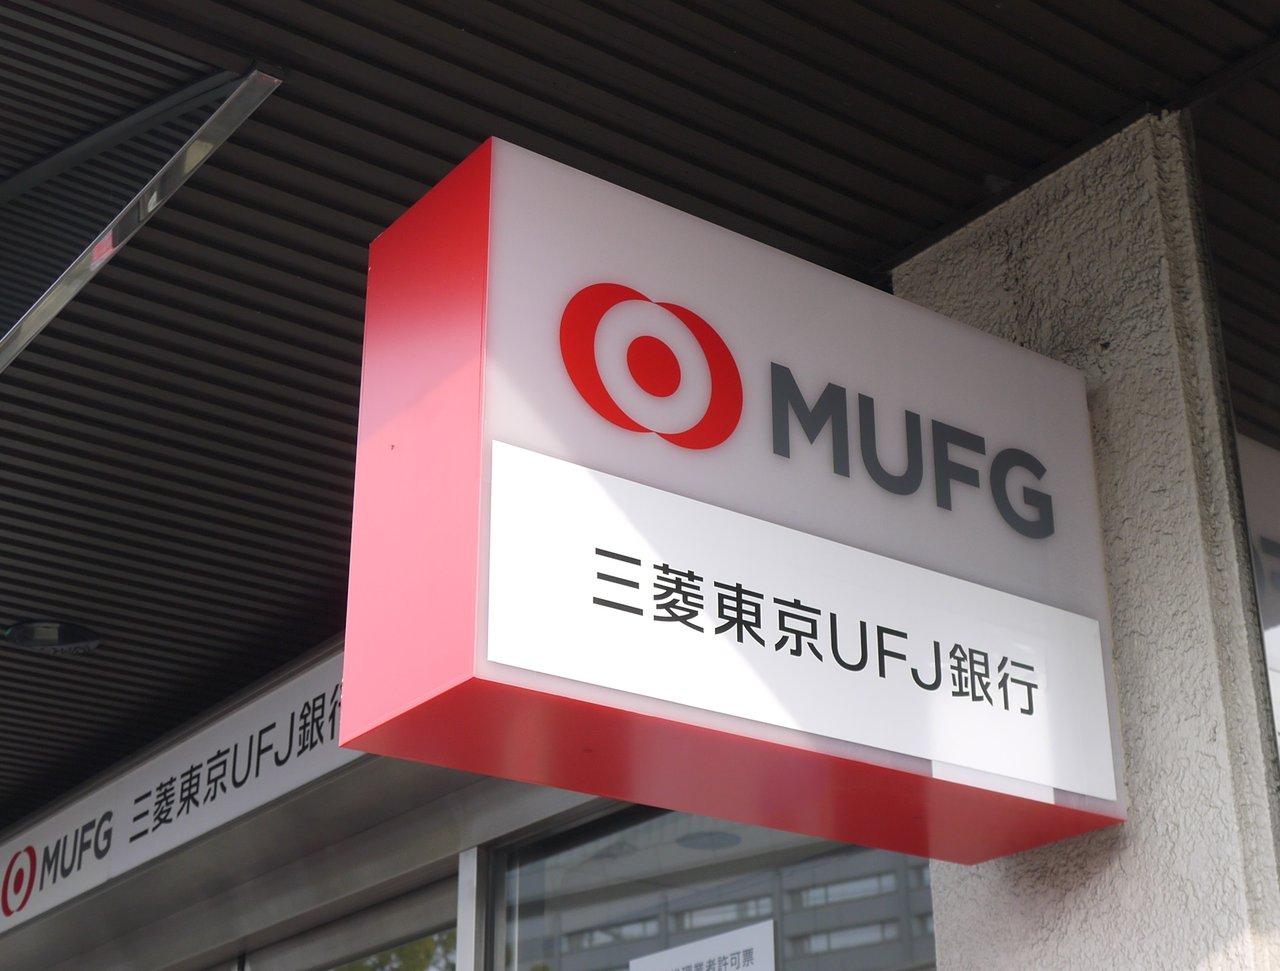 三菱UFJ銀行本厚木支店 | 神奈川県厚木市の銀行 …